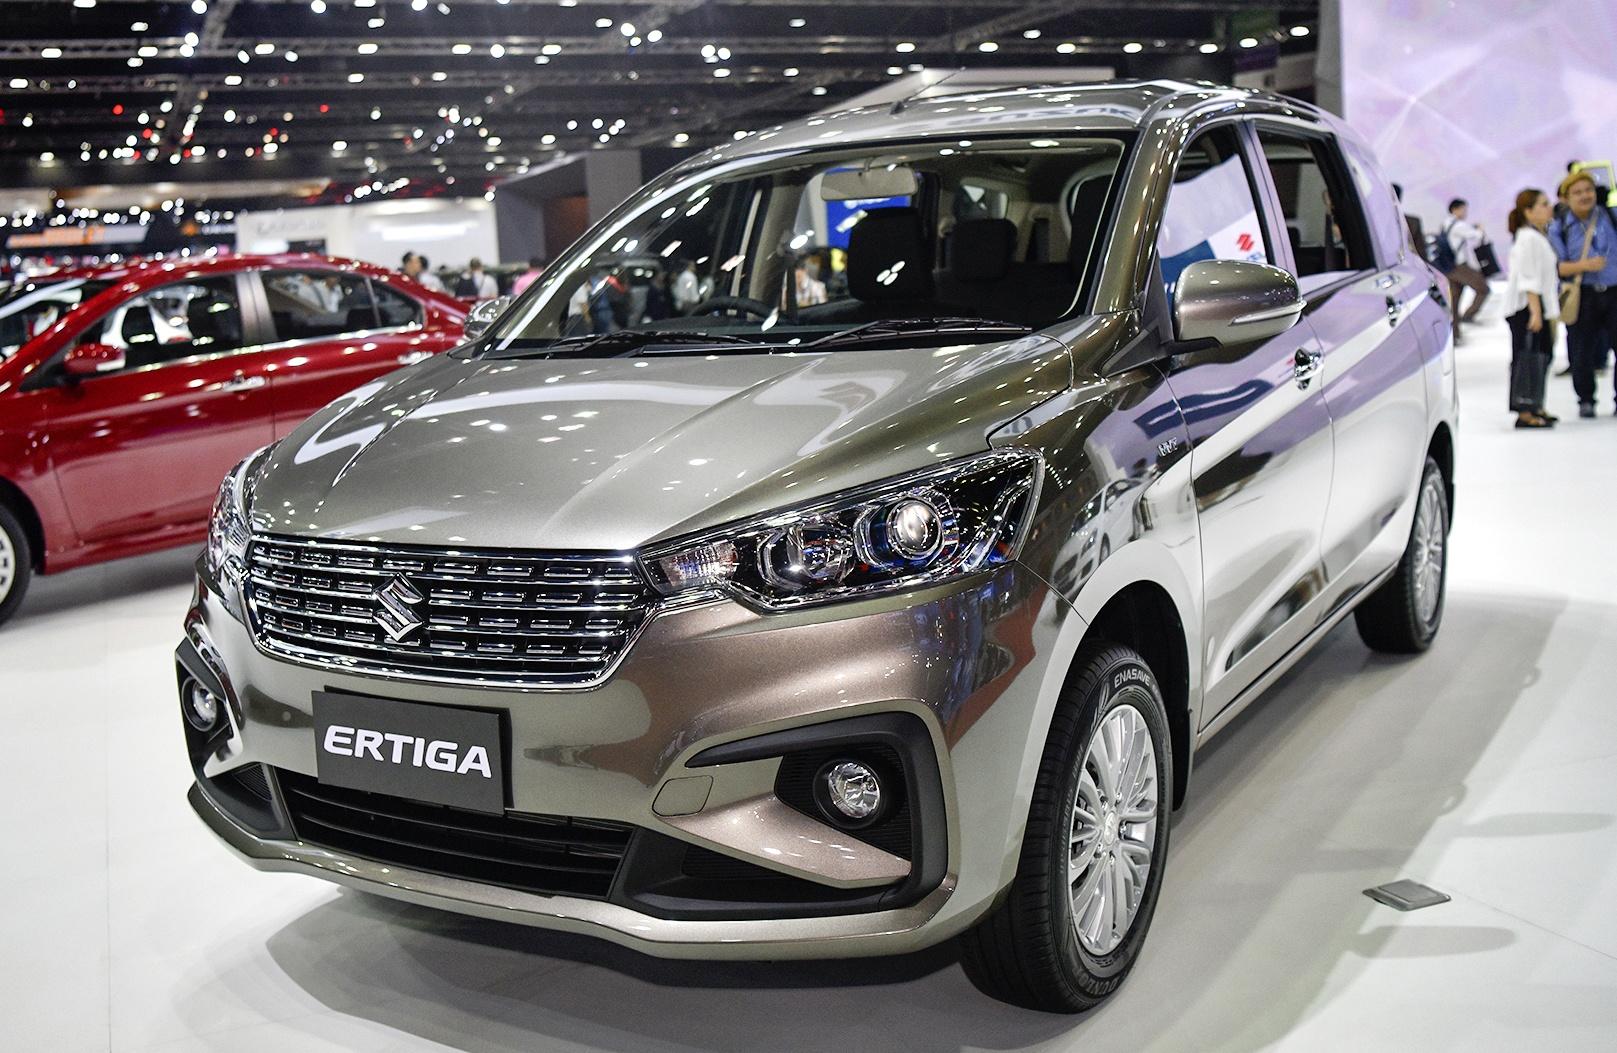 Suzuki Ertiga 2019 sắp về Việt Nam giá hơn 400 triệu có gì hấp dẫn?